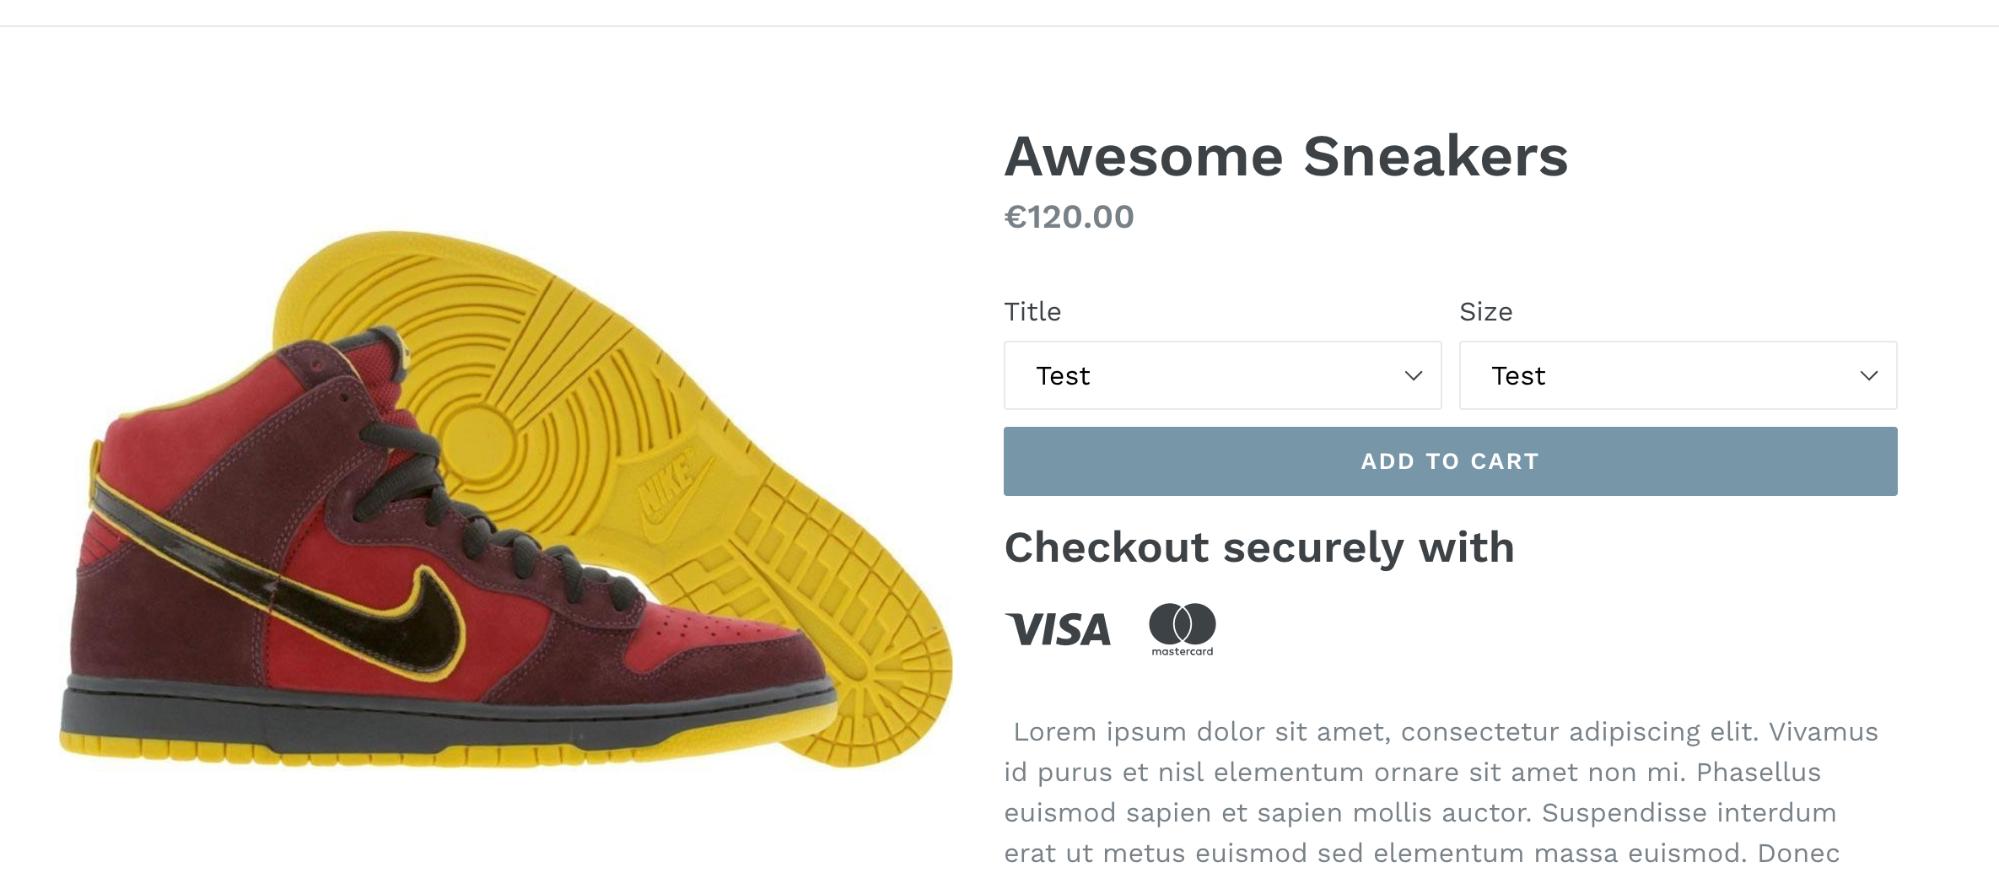 Screenshot showing the visa/mastercard logos under a product